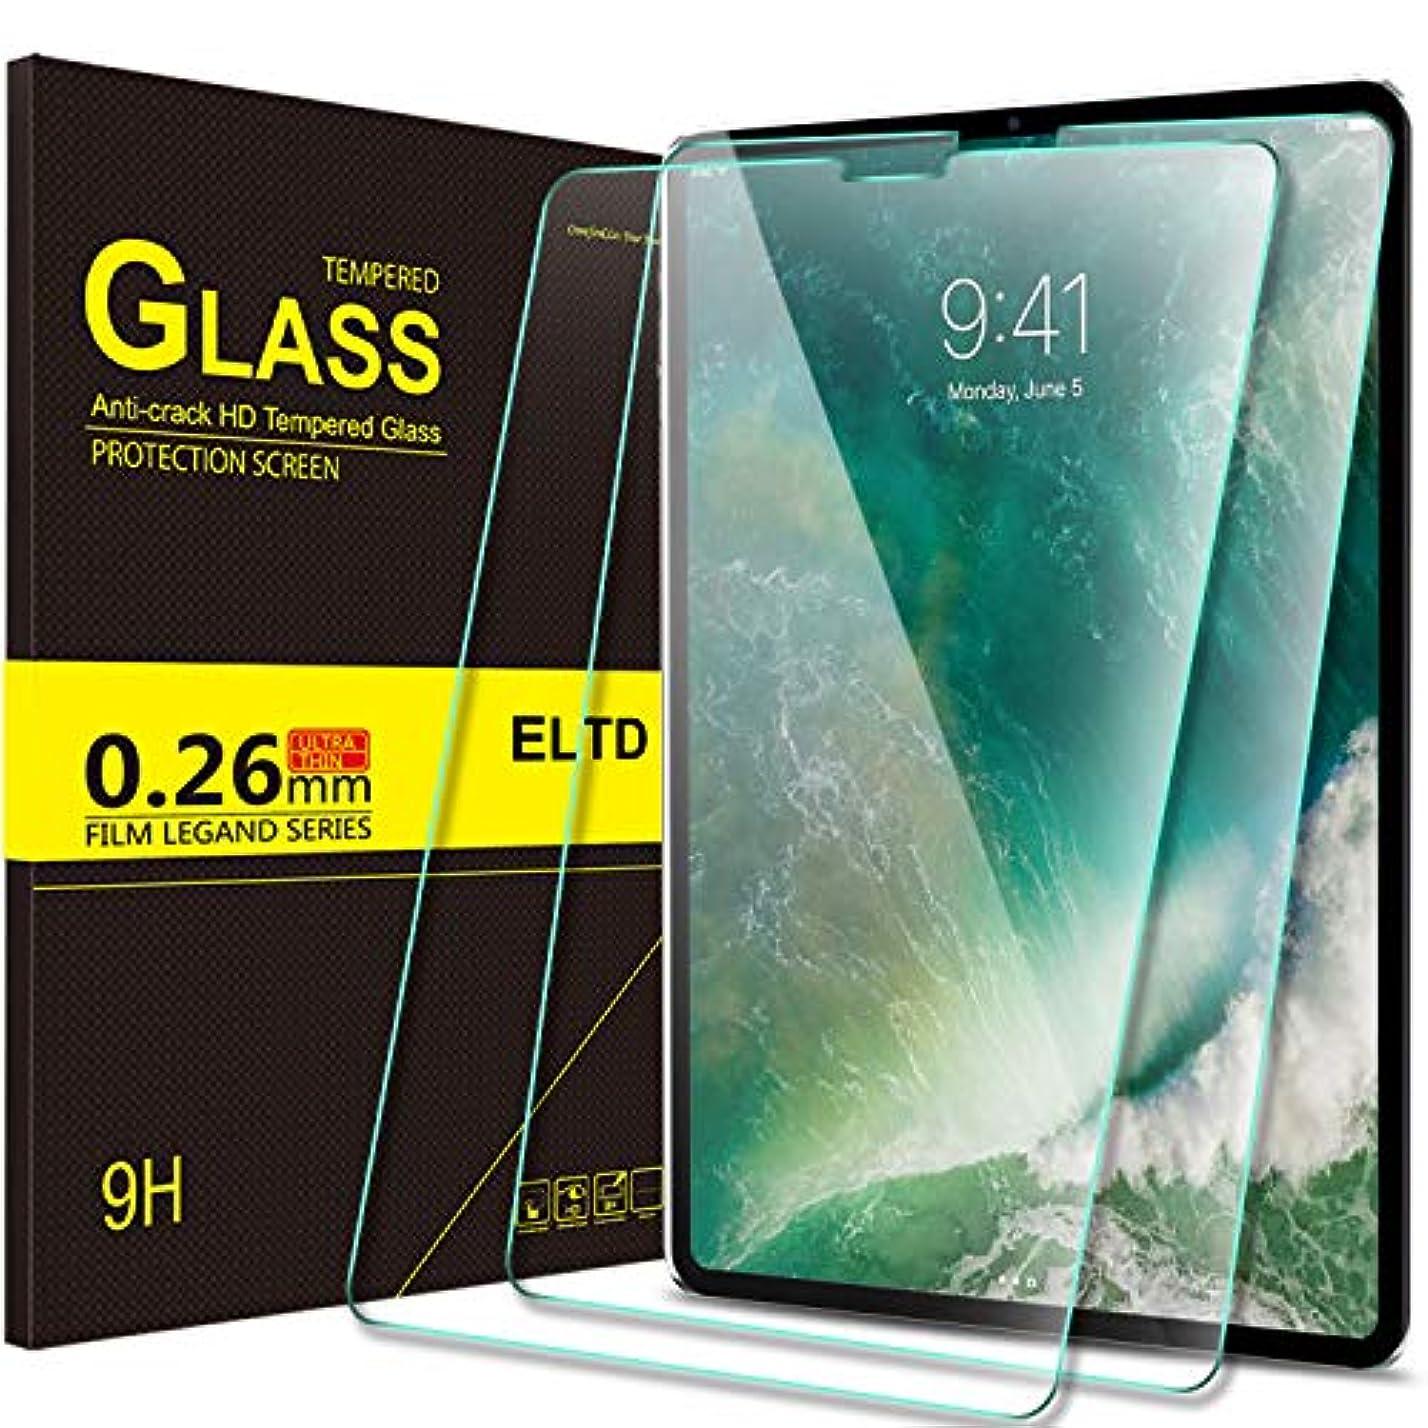 カストディアン放つ委員長ELTD 最新版ipad pro 11 ガラスフィルム 2枚セット Face ID対応品 改良品 ipad pro 11 液晶保護 フィルム 強化ガラス 耐指紋 高透過率 交換 365日